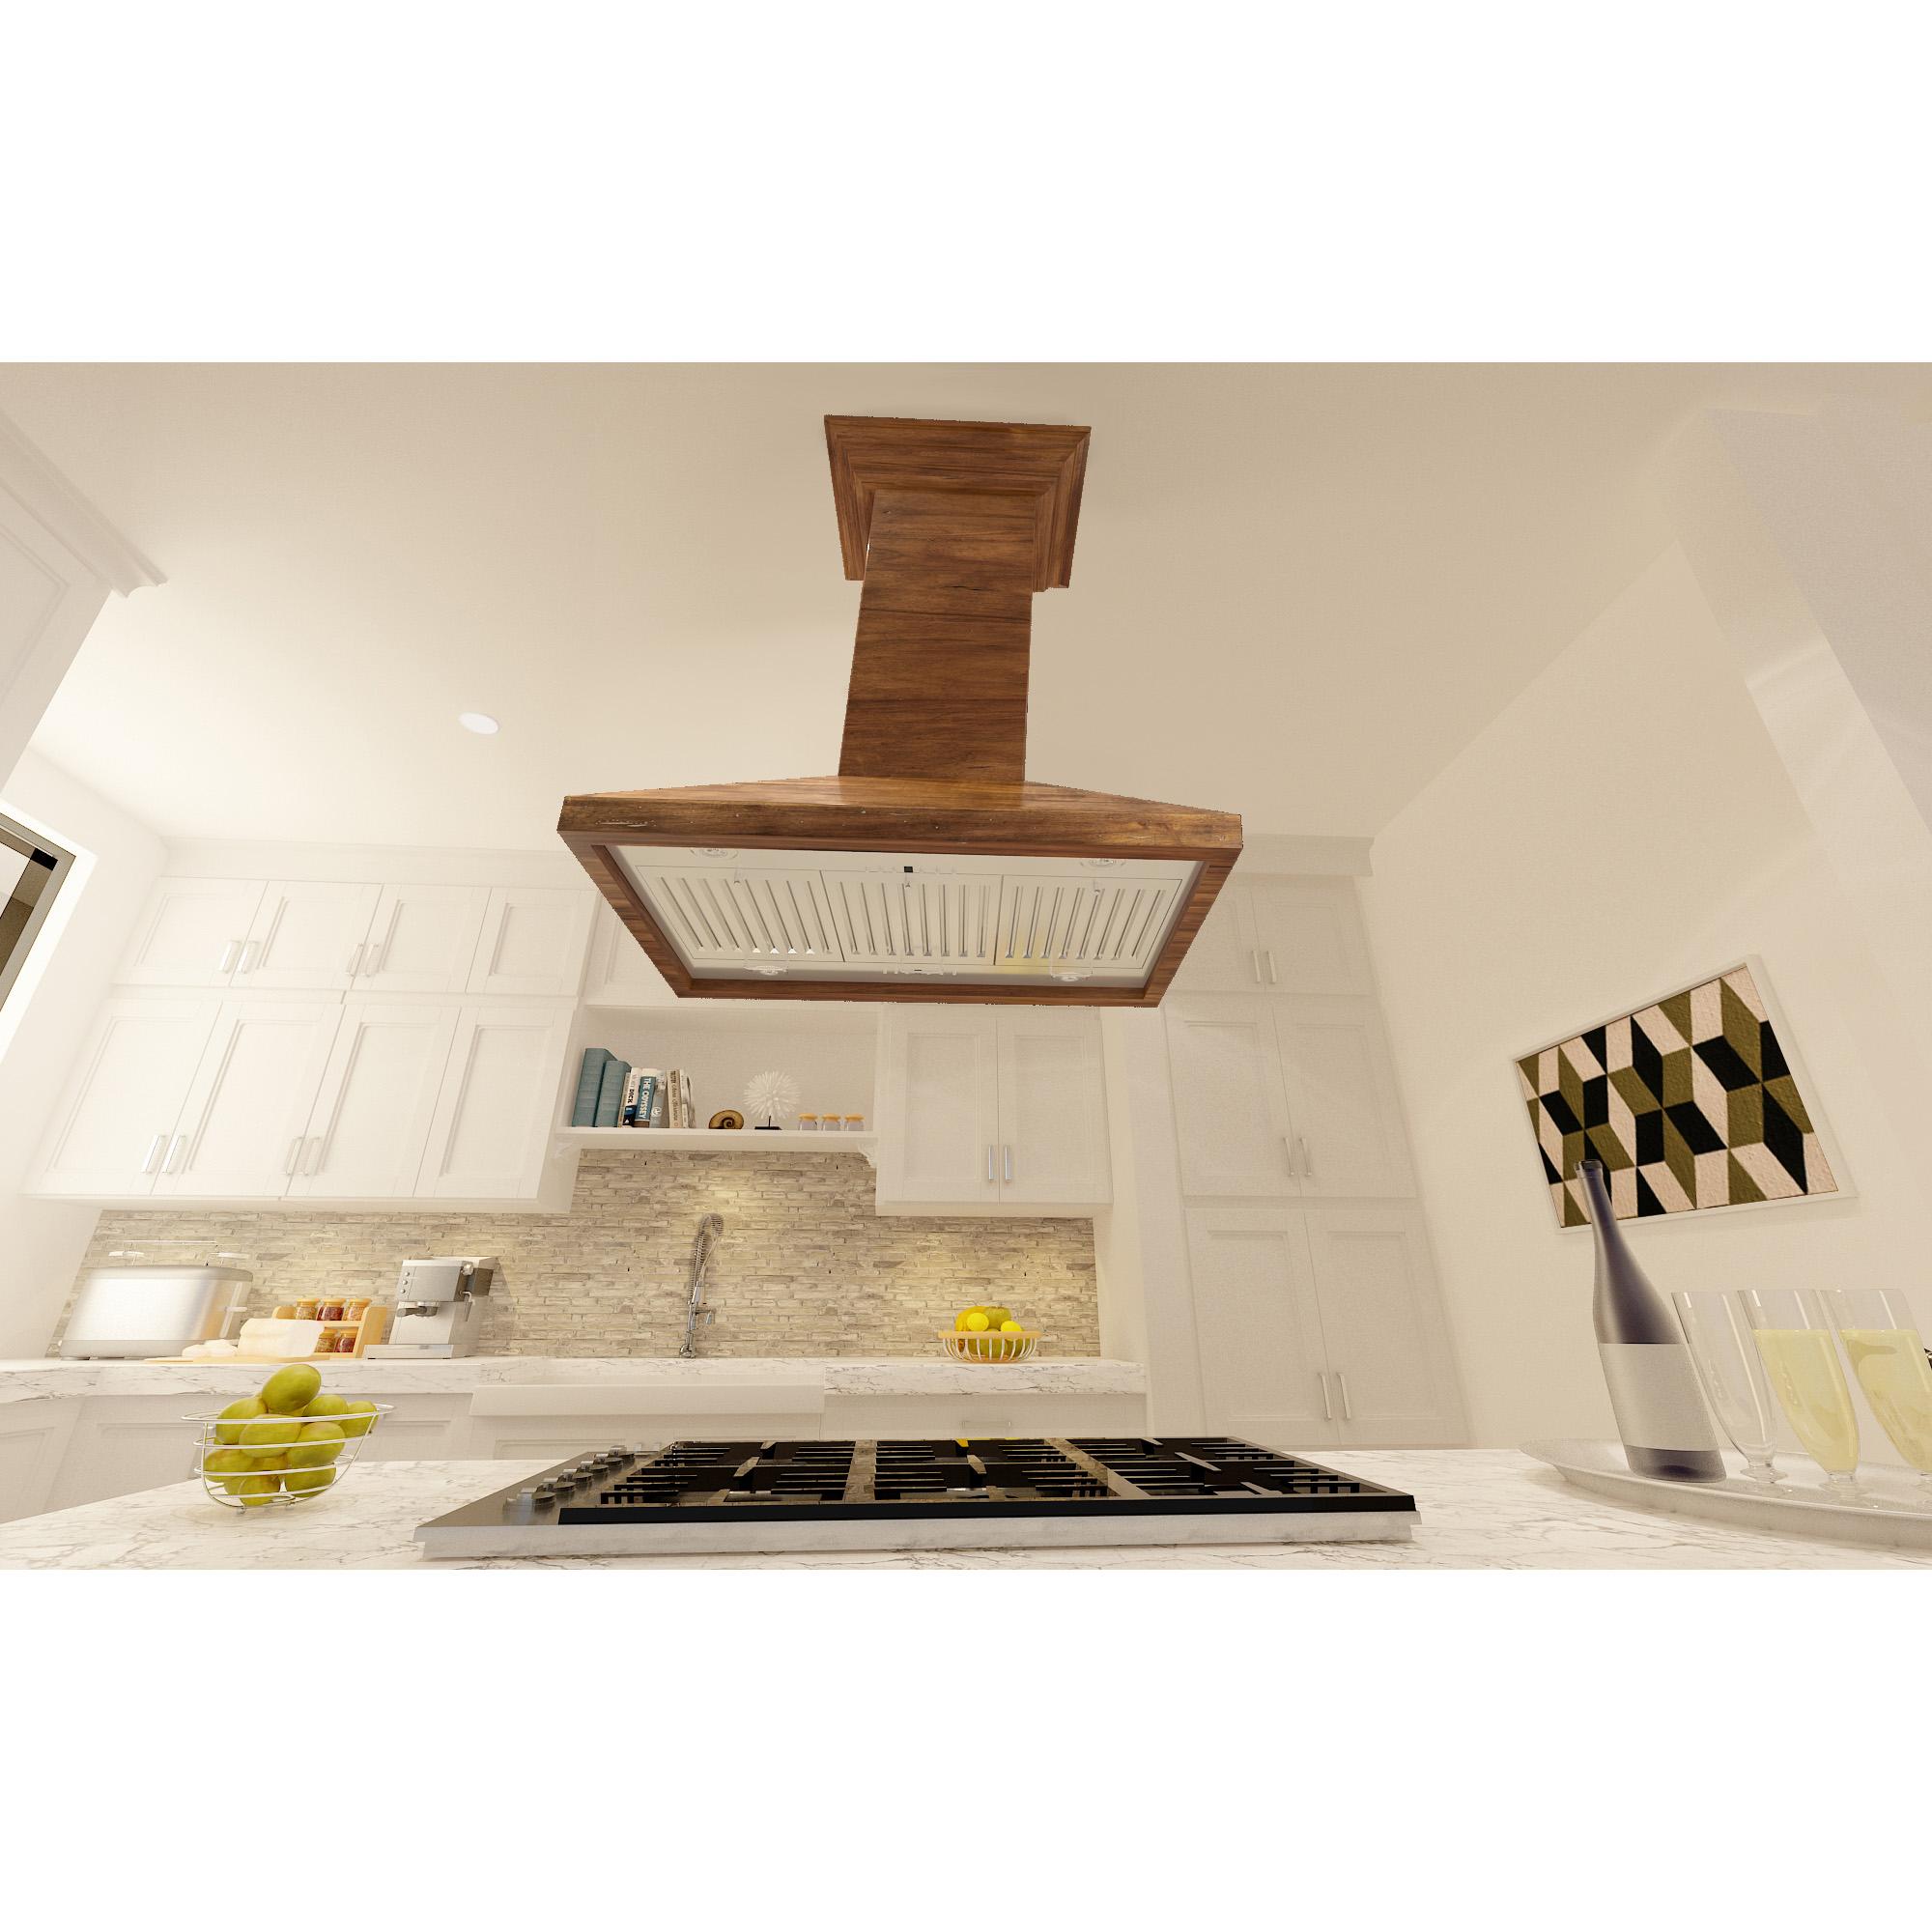 Wooden Crafted Kbirr Zline Kitchen